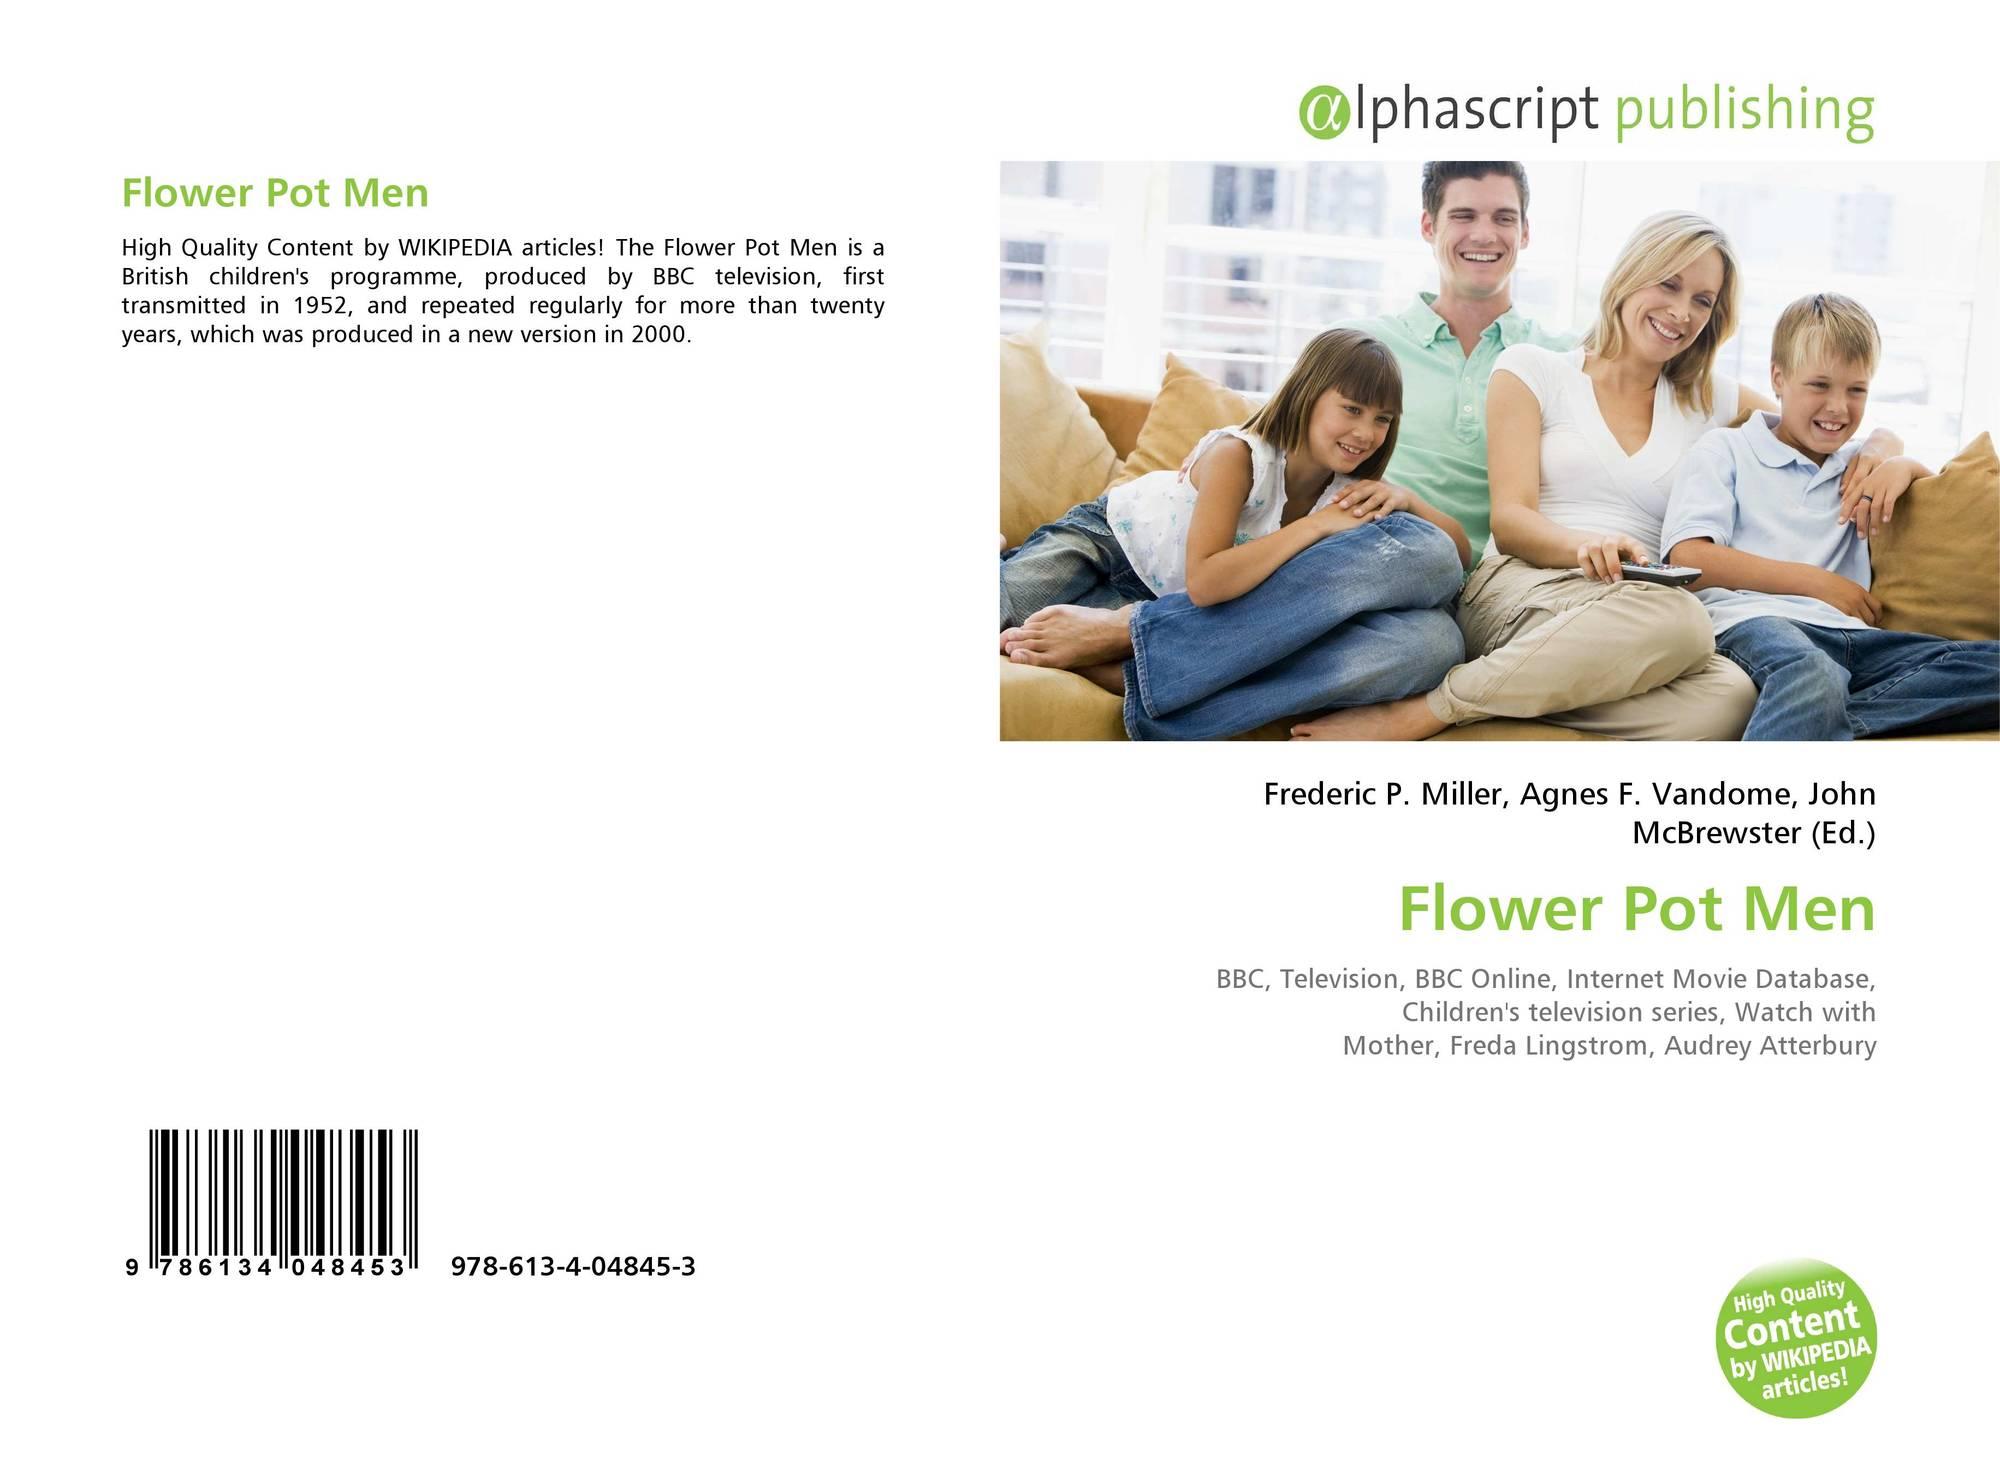 193 & Flower Pot Men 978-613-4-04845-3 6134048453 9786134048453